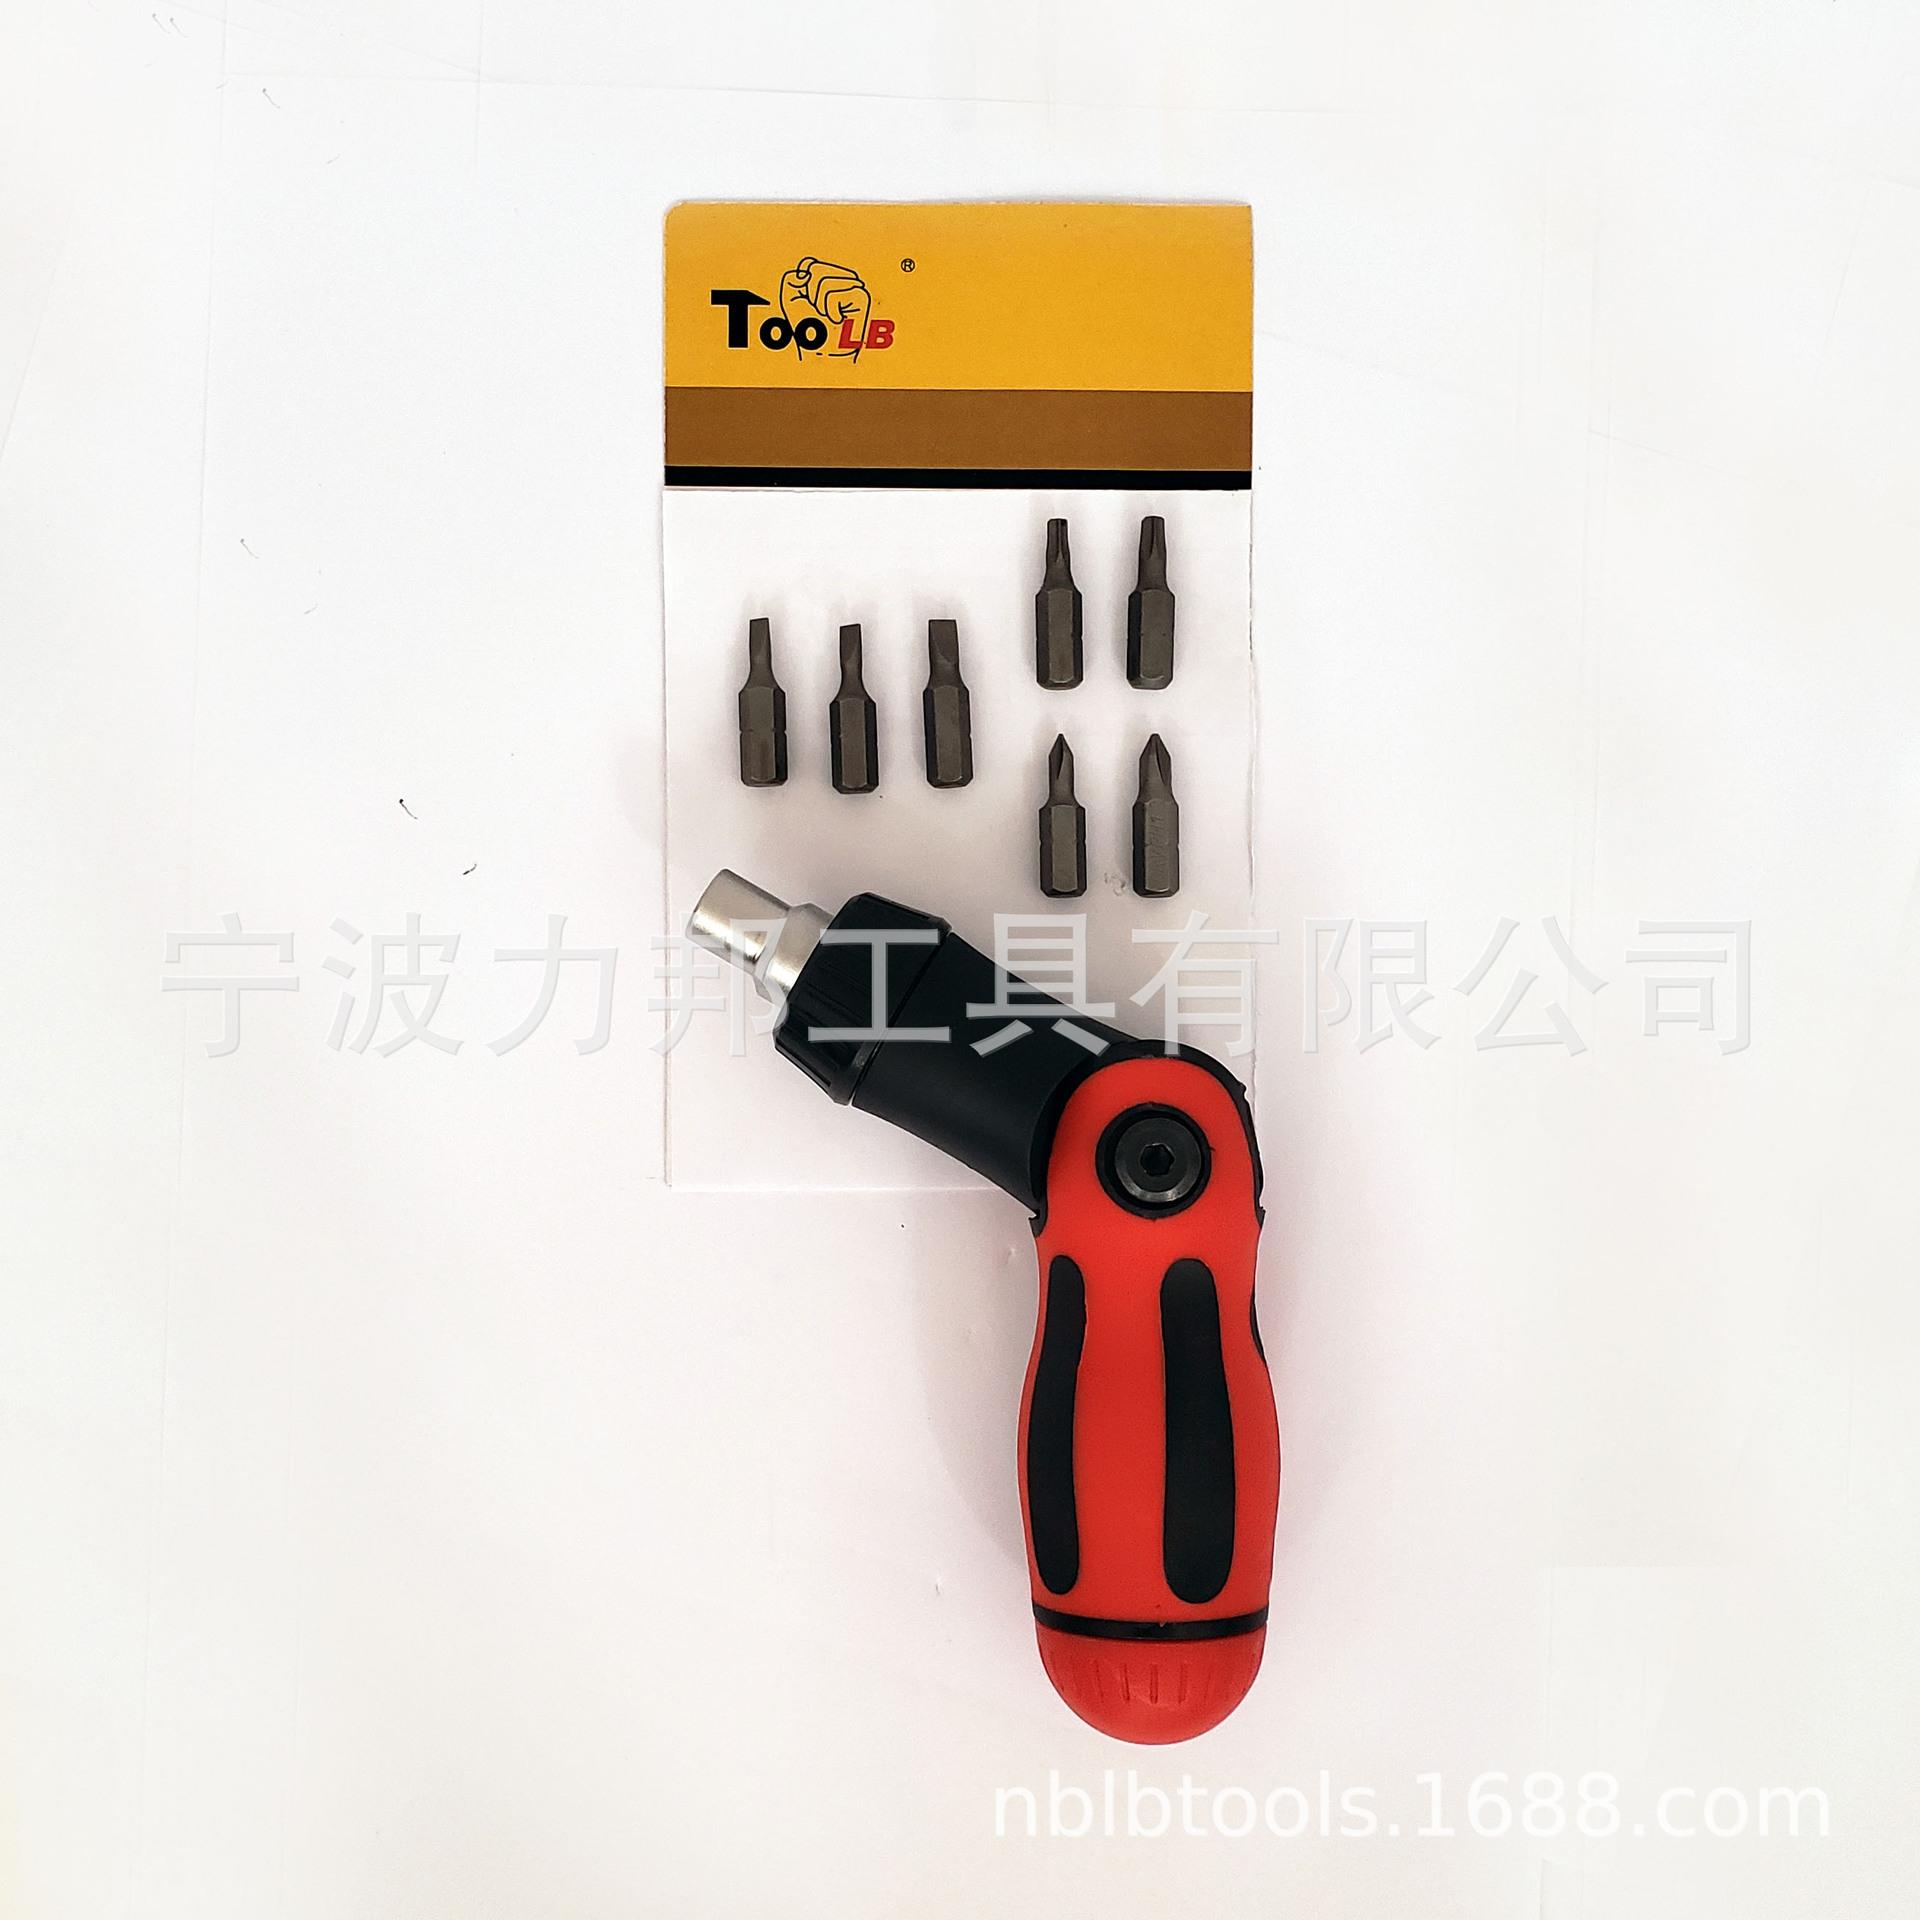 [力邦工具]7合1 8件套 家用组套 礼品促销手柄万向棘轮组套高扭力